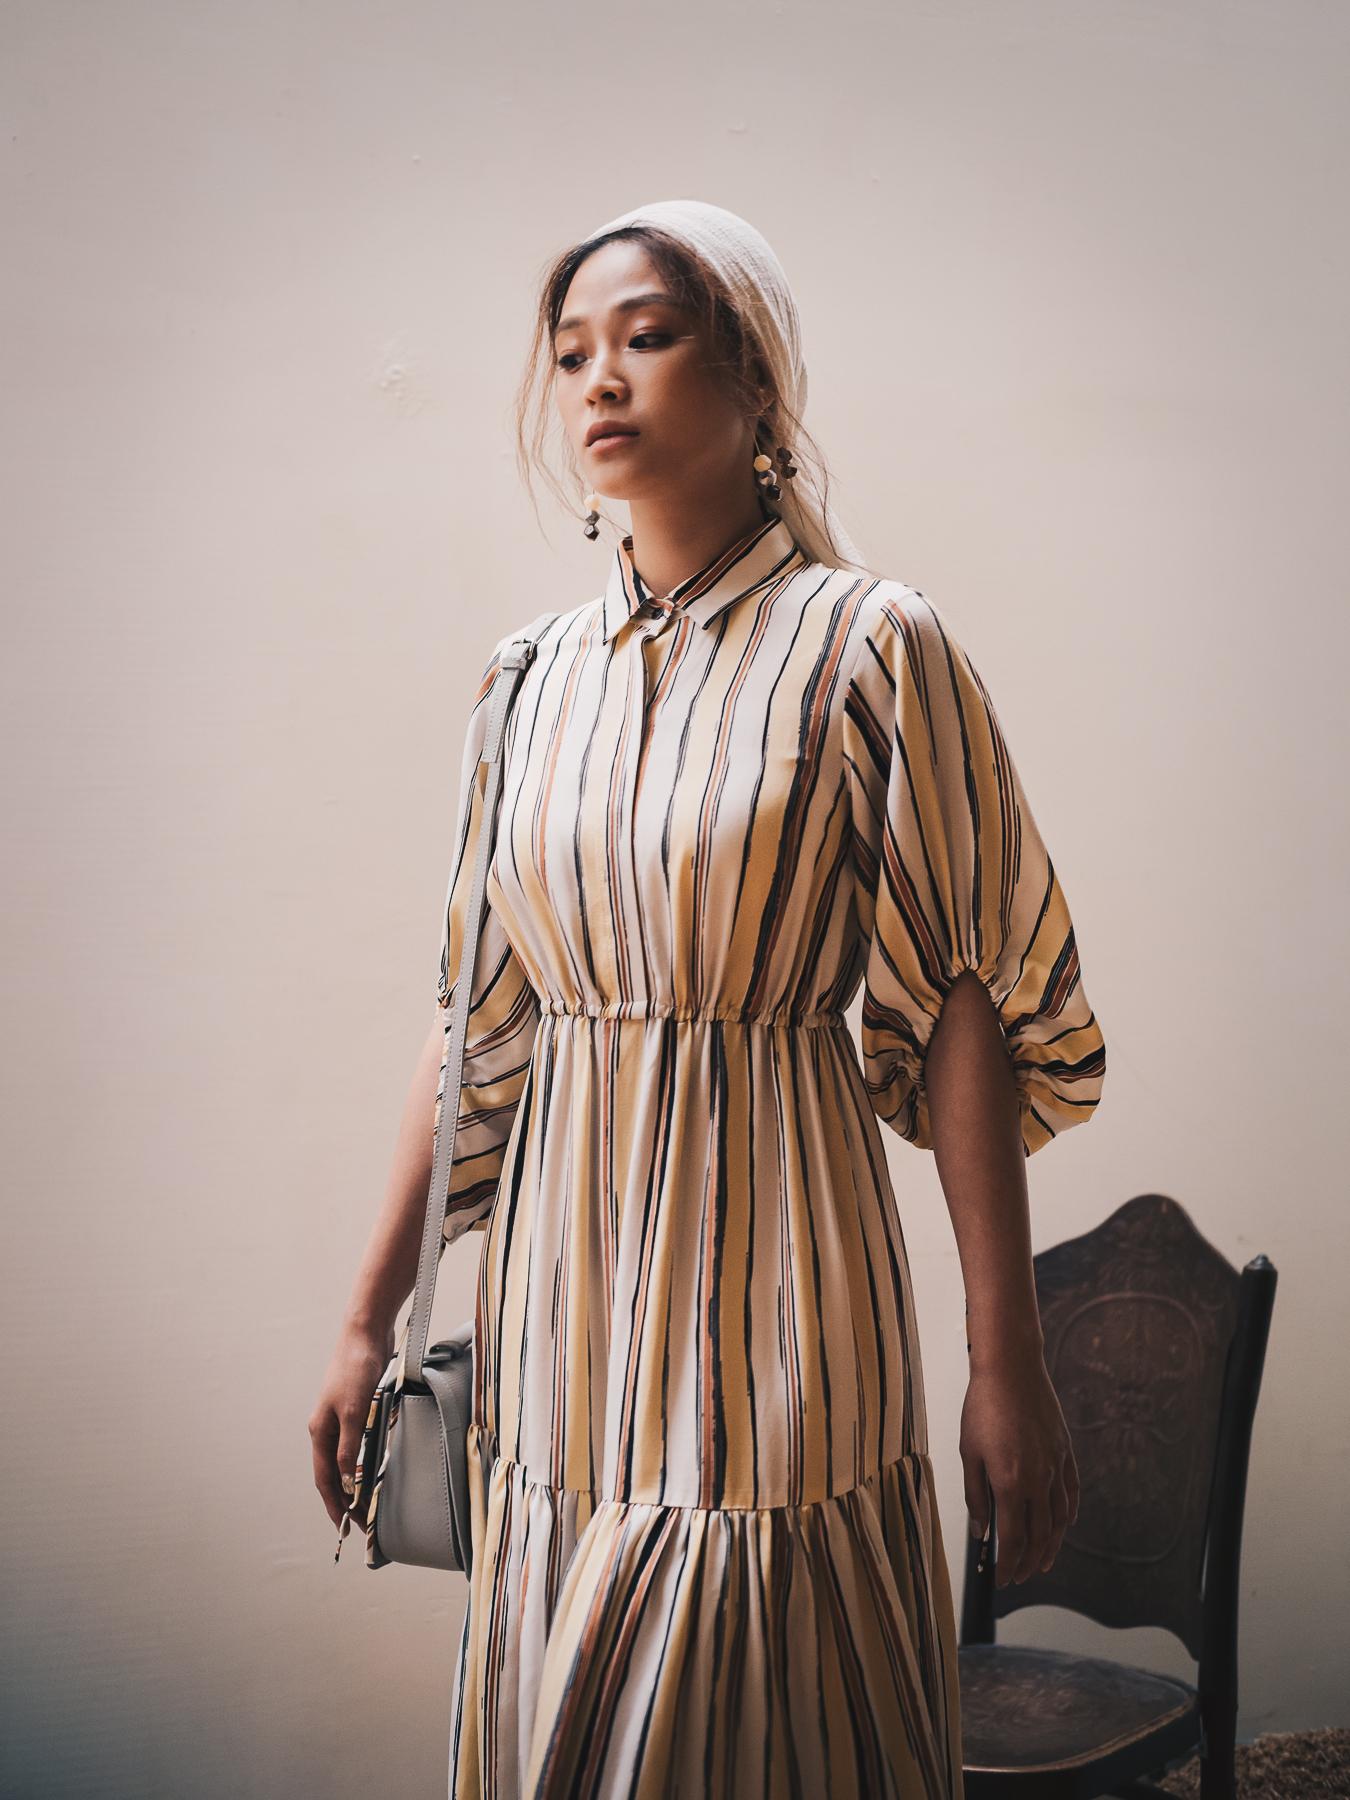 Ullnaka Dress Code 2018 - Olympus E-M1MarkII 2512 - Yes! Please Enjoy-21.jpg